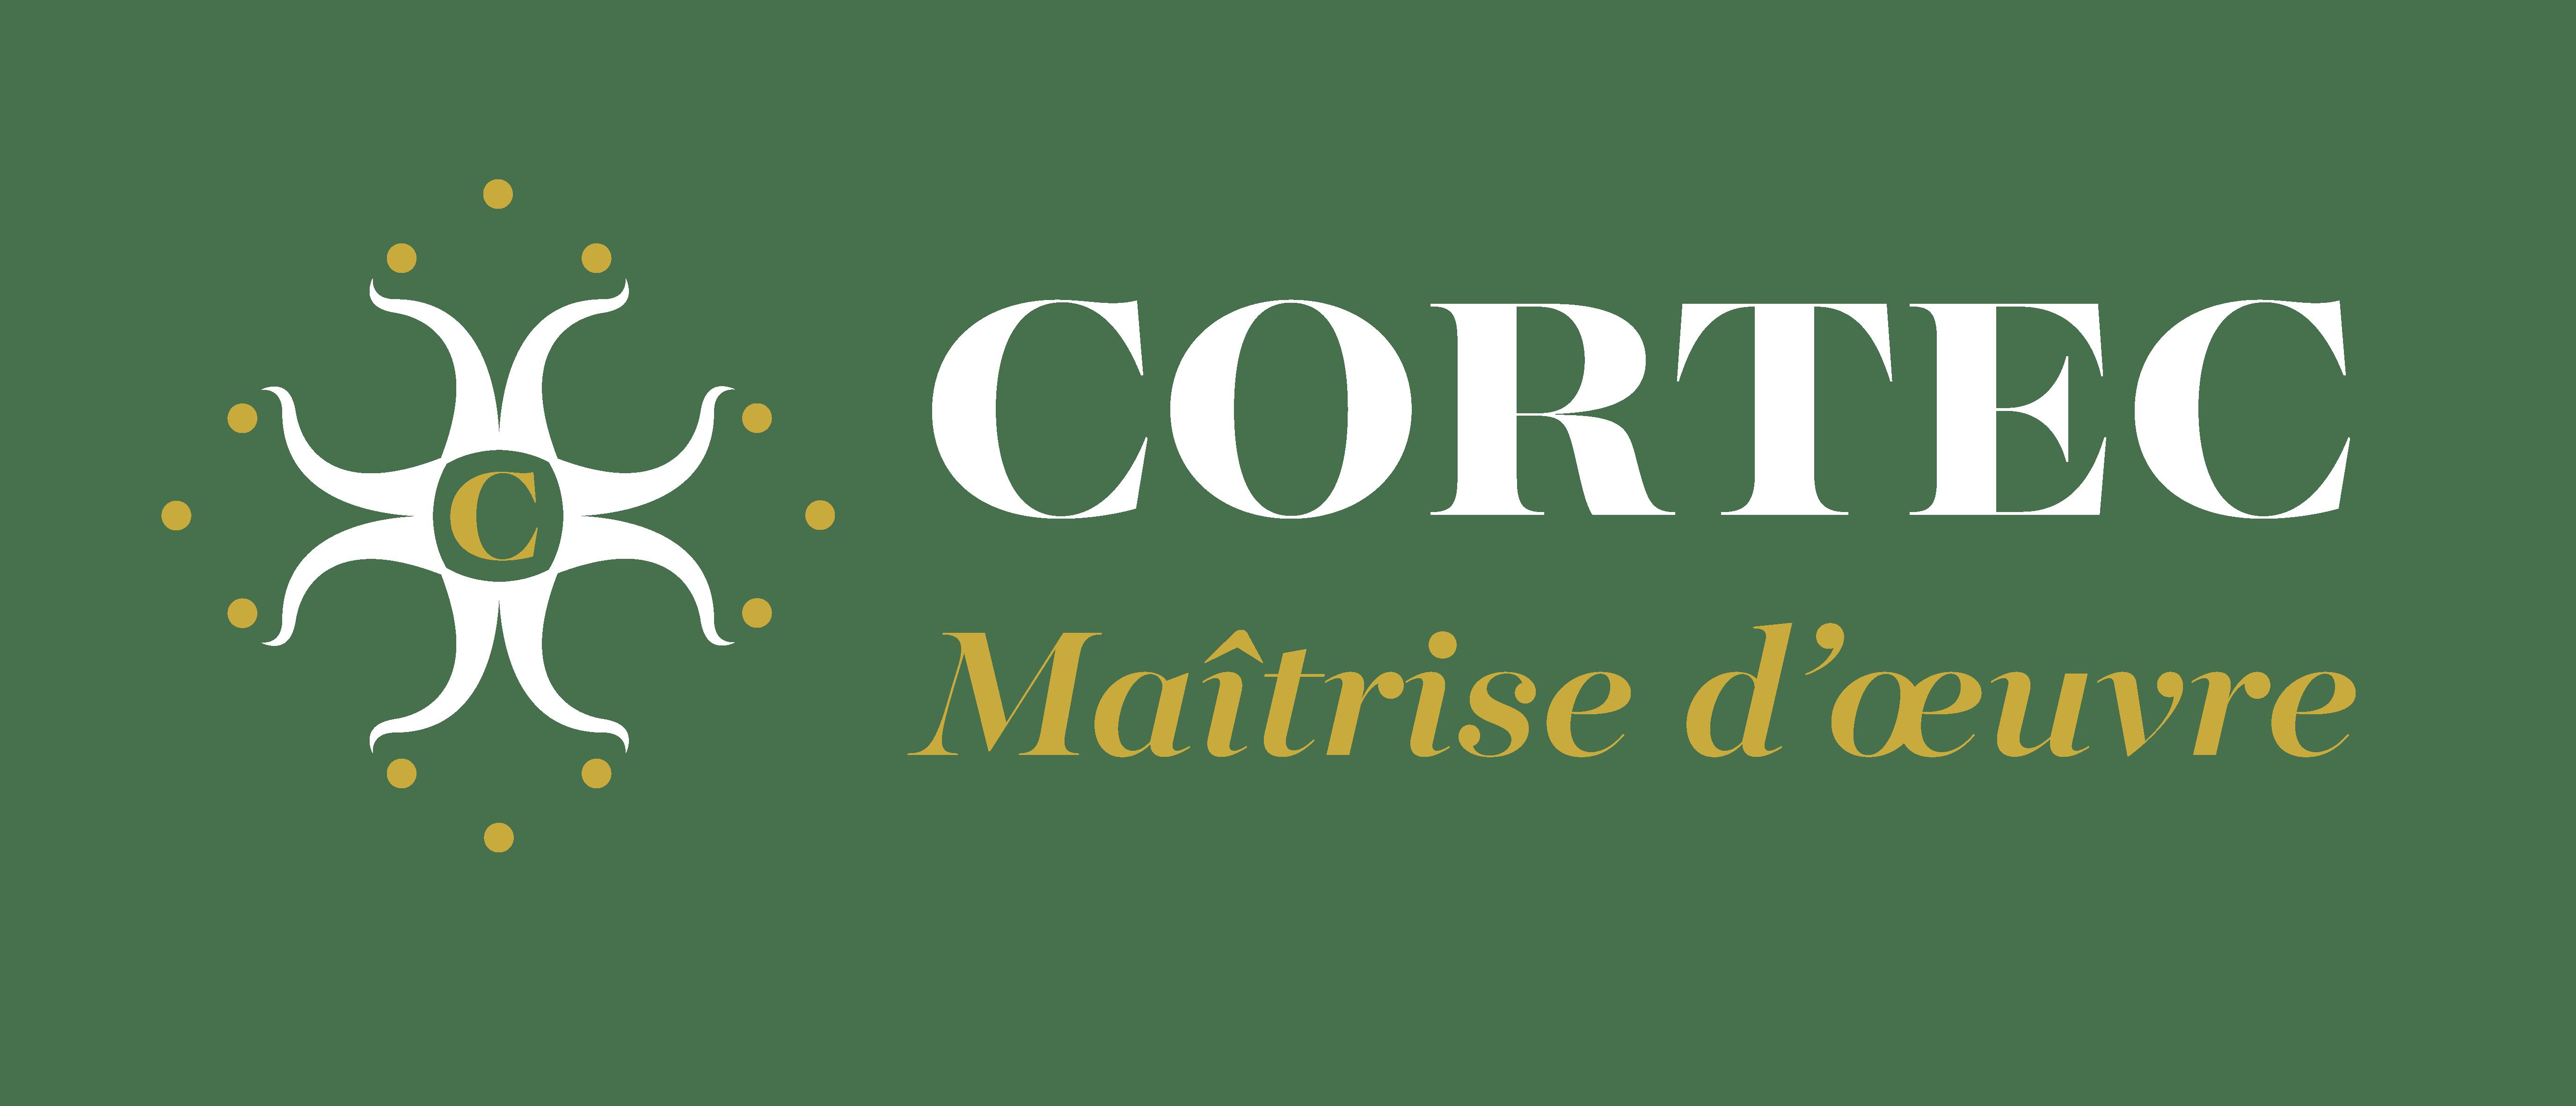 Maitrise D Oeuvre Montpellier projets en cours - cortec maitre d'oeuvre %